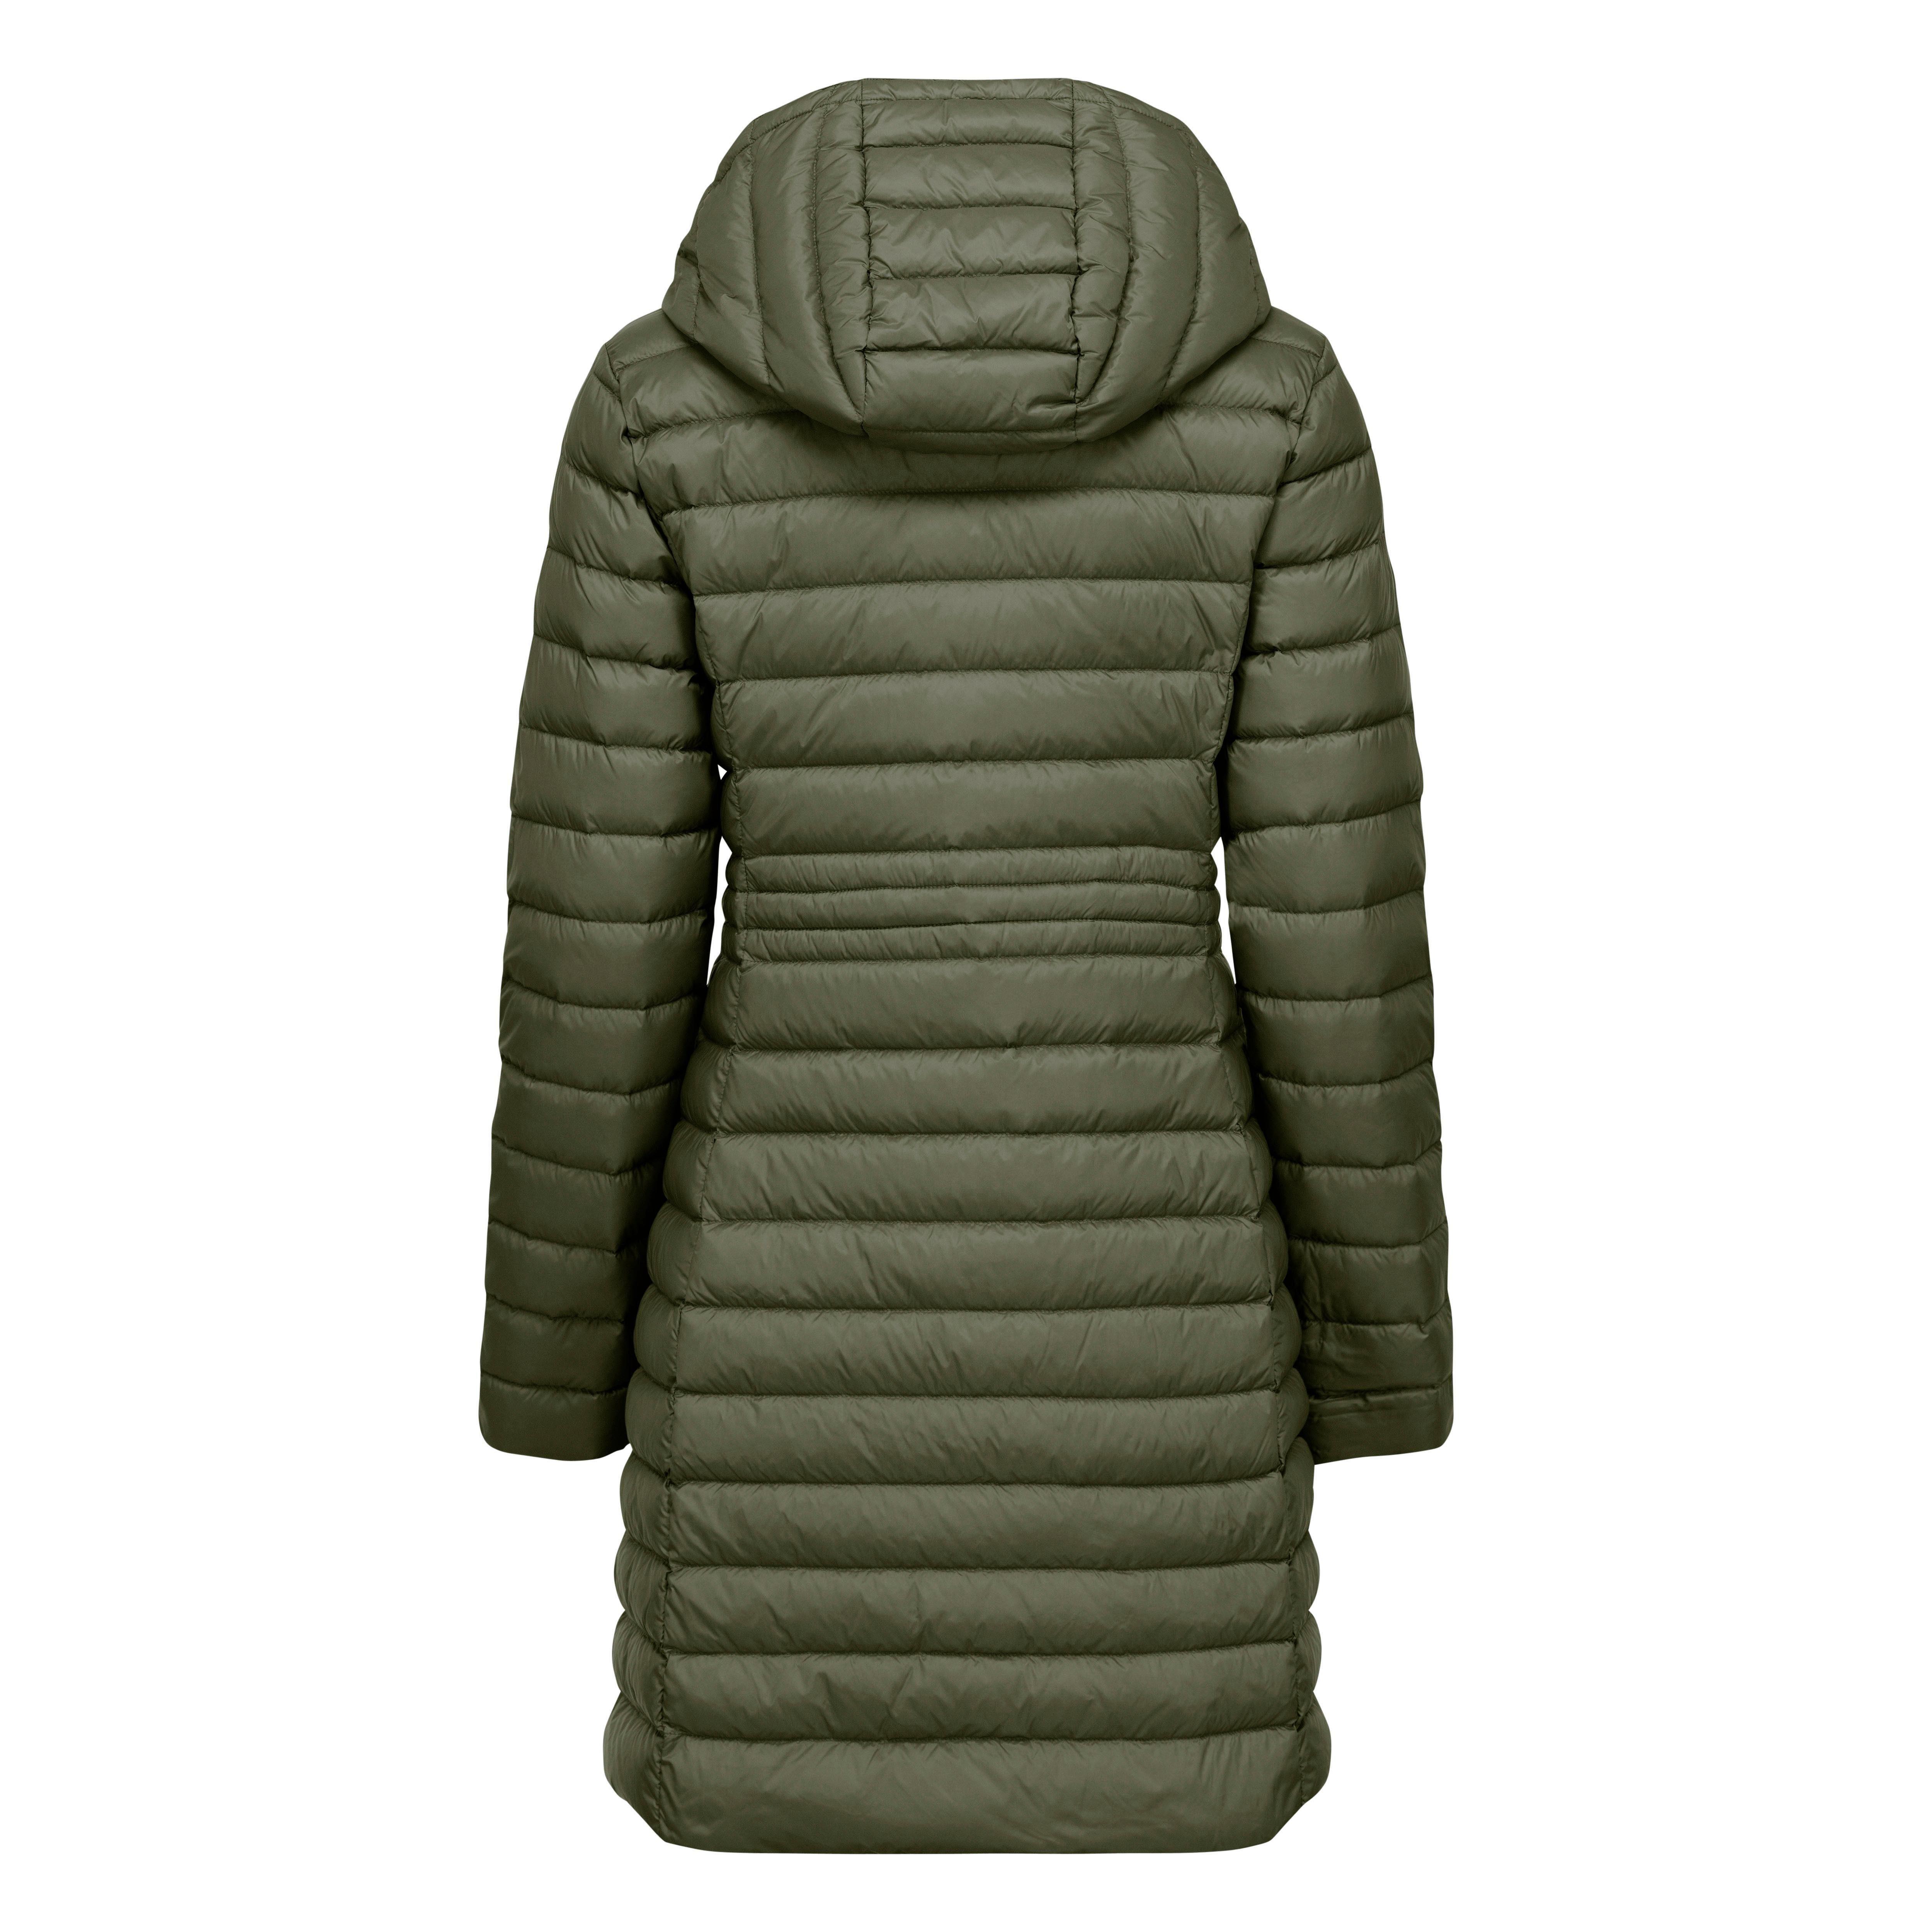 Winterjacken von JOTT für Frauen günstig online kaufen bei